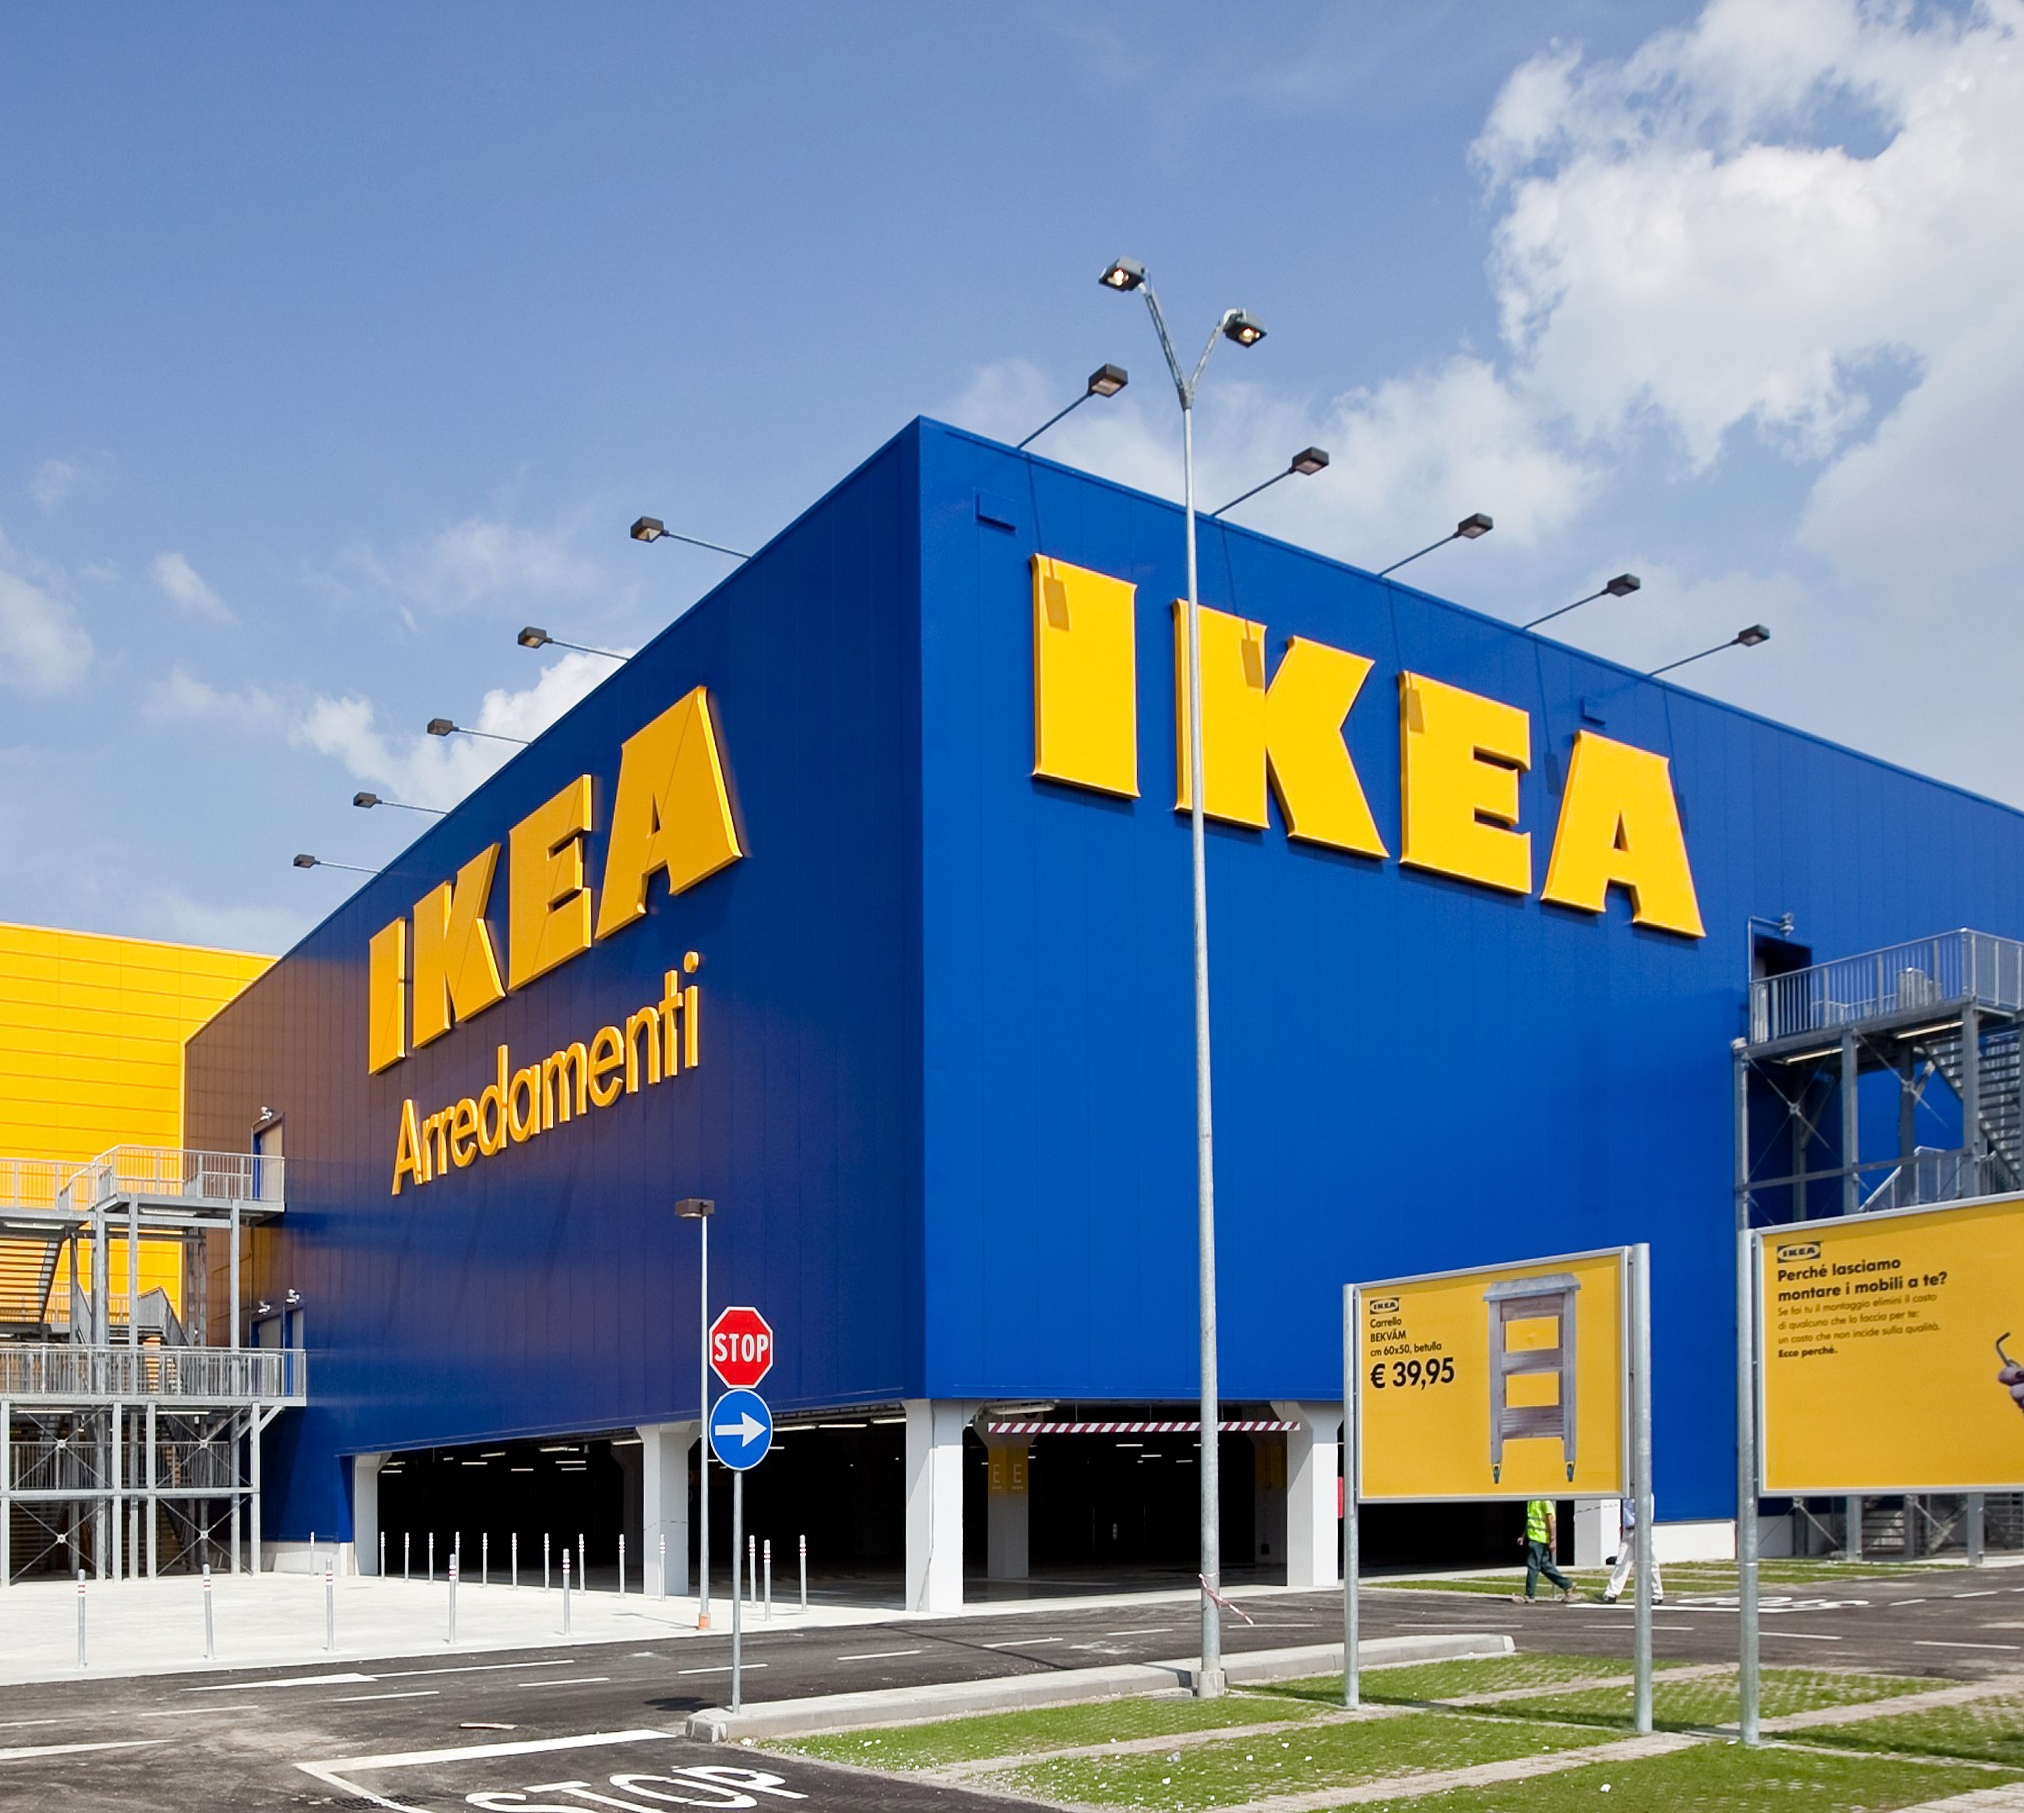 Digital4 business innovazione e tecnologia for Ikea cuscino nuvola